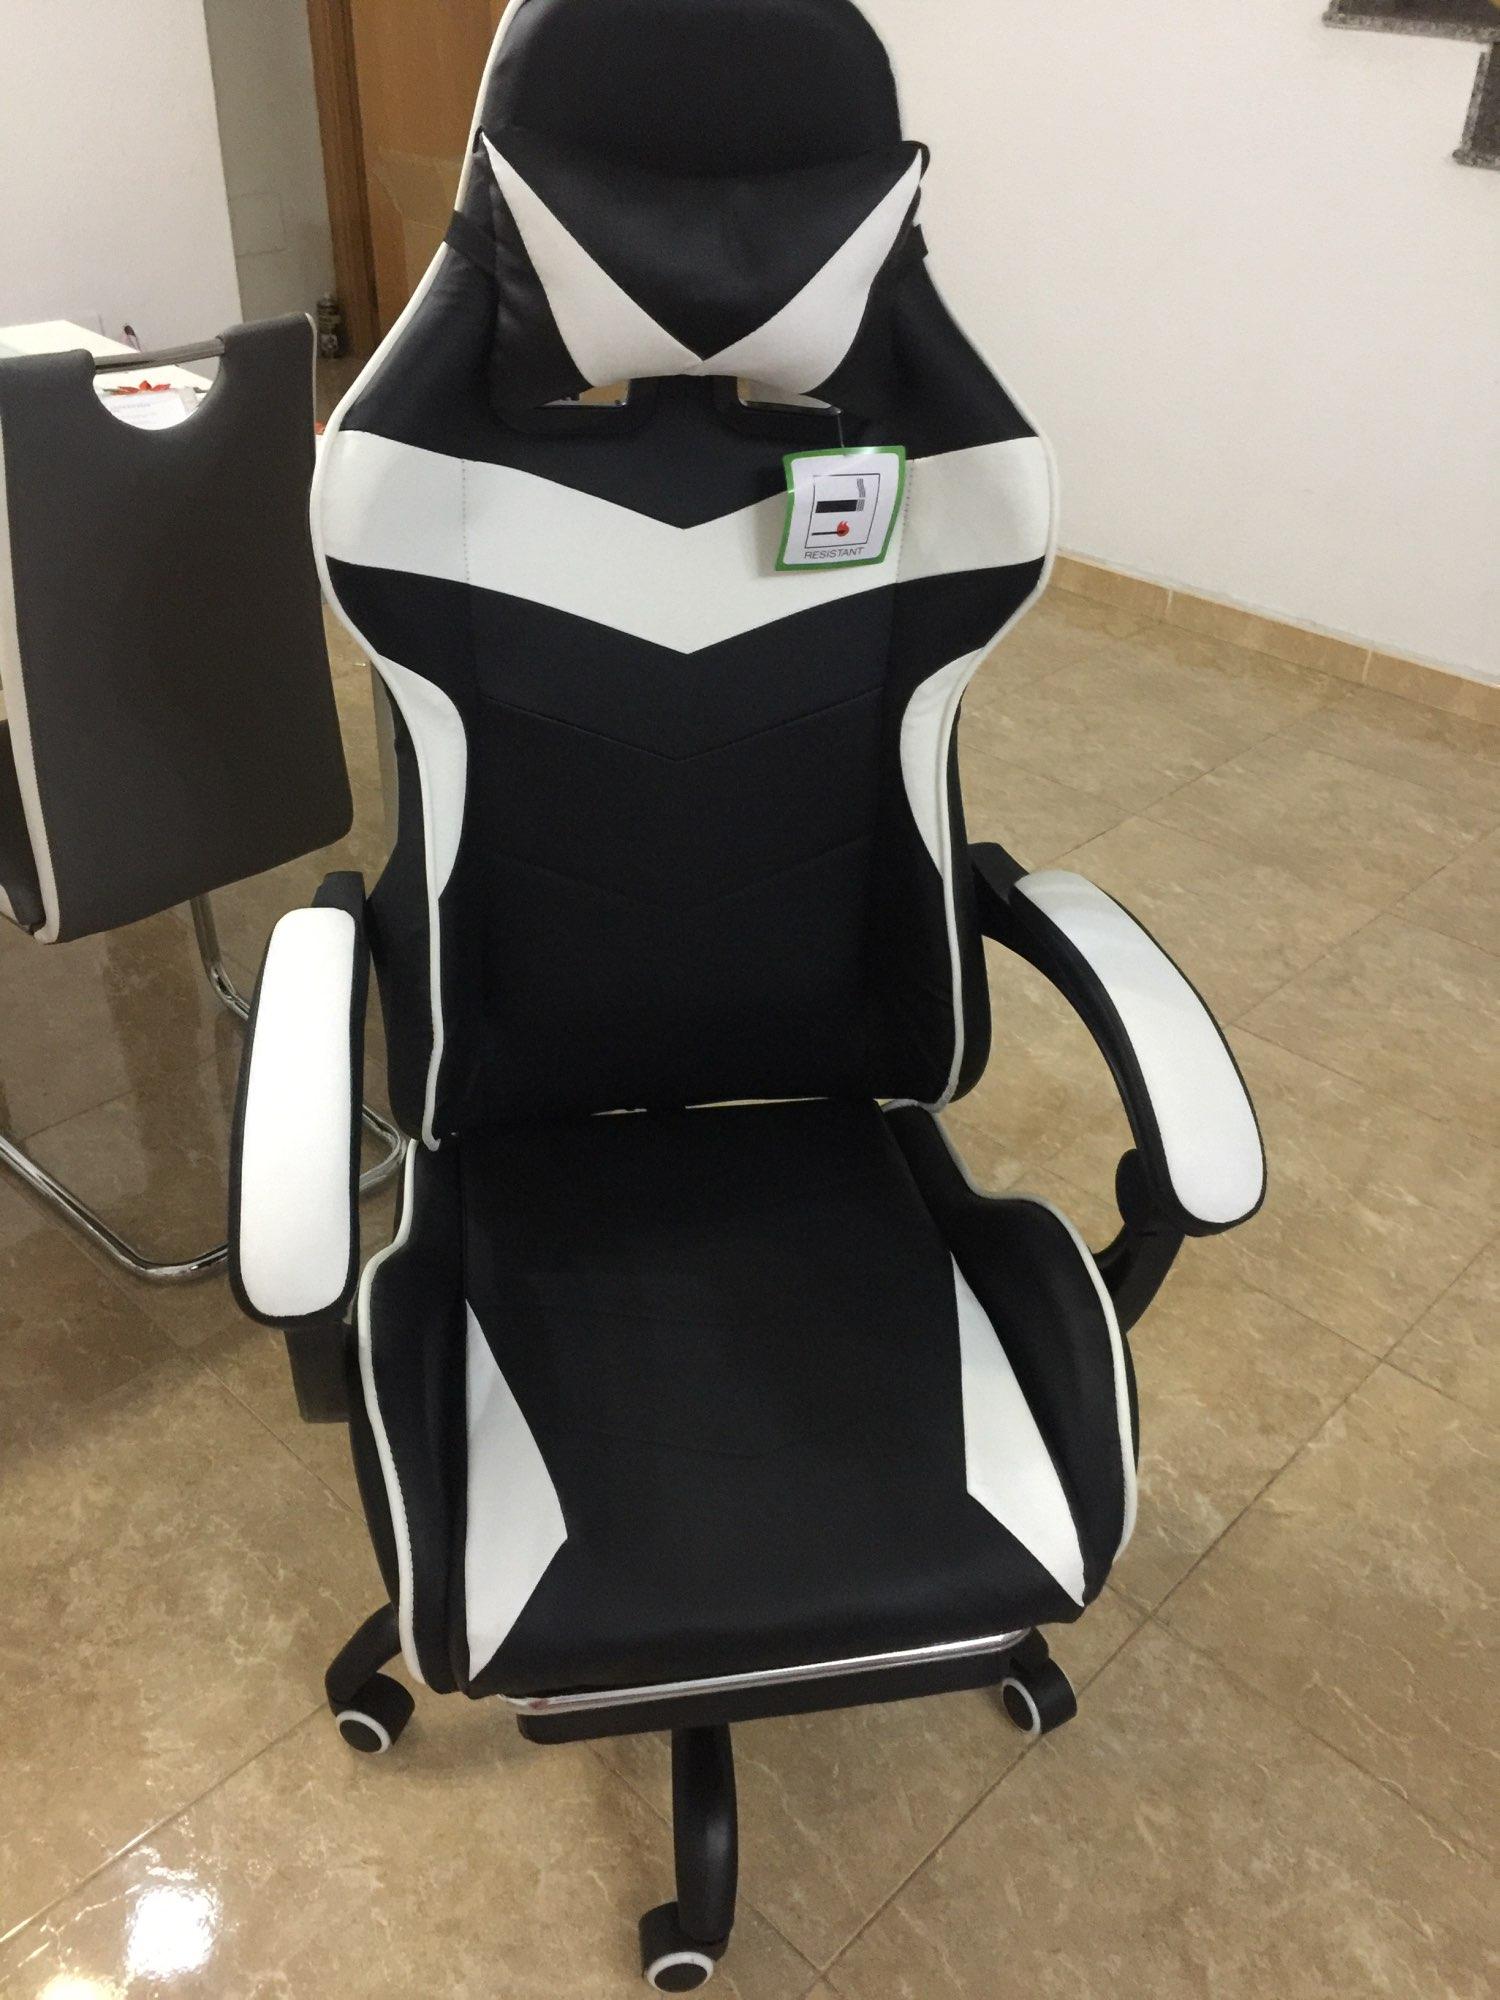 Chaise de bureau de Gaming en cuir, siège pivotant et ergonomique de Gaming